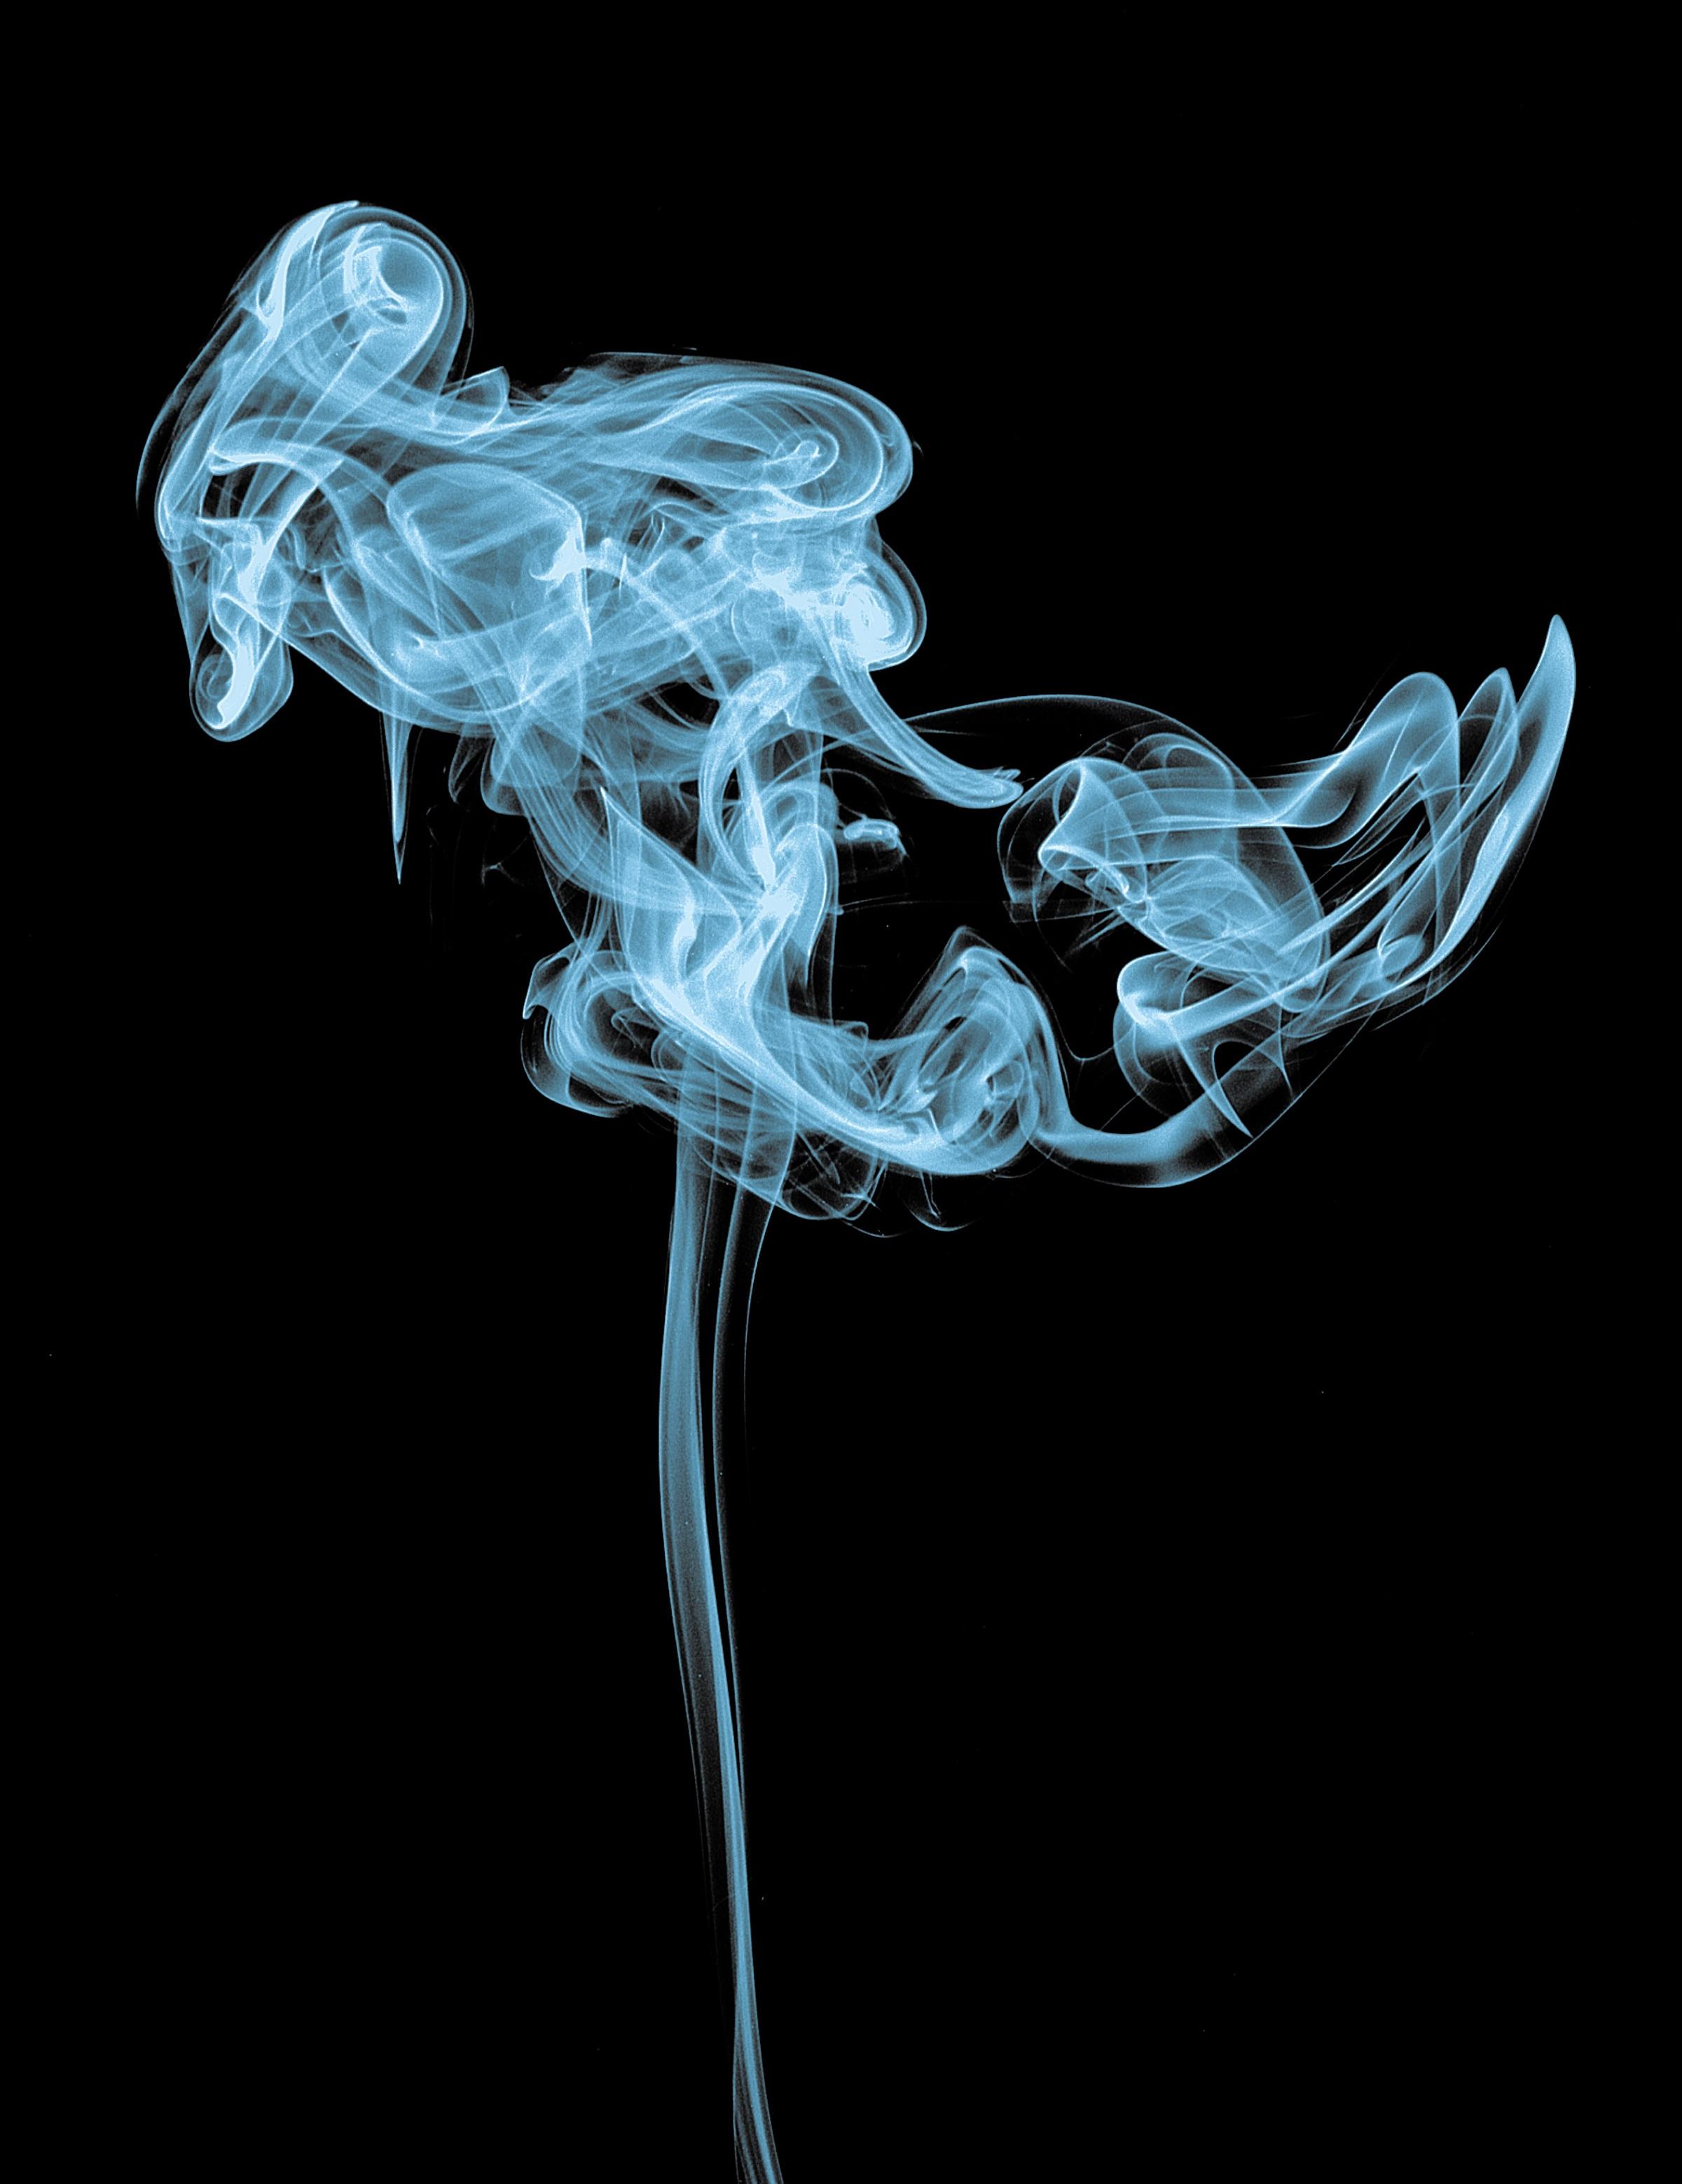 tabaco-tdah-menteAmente